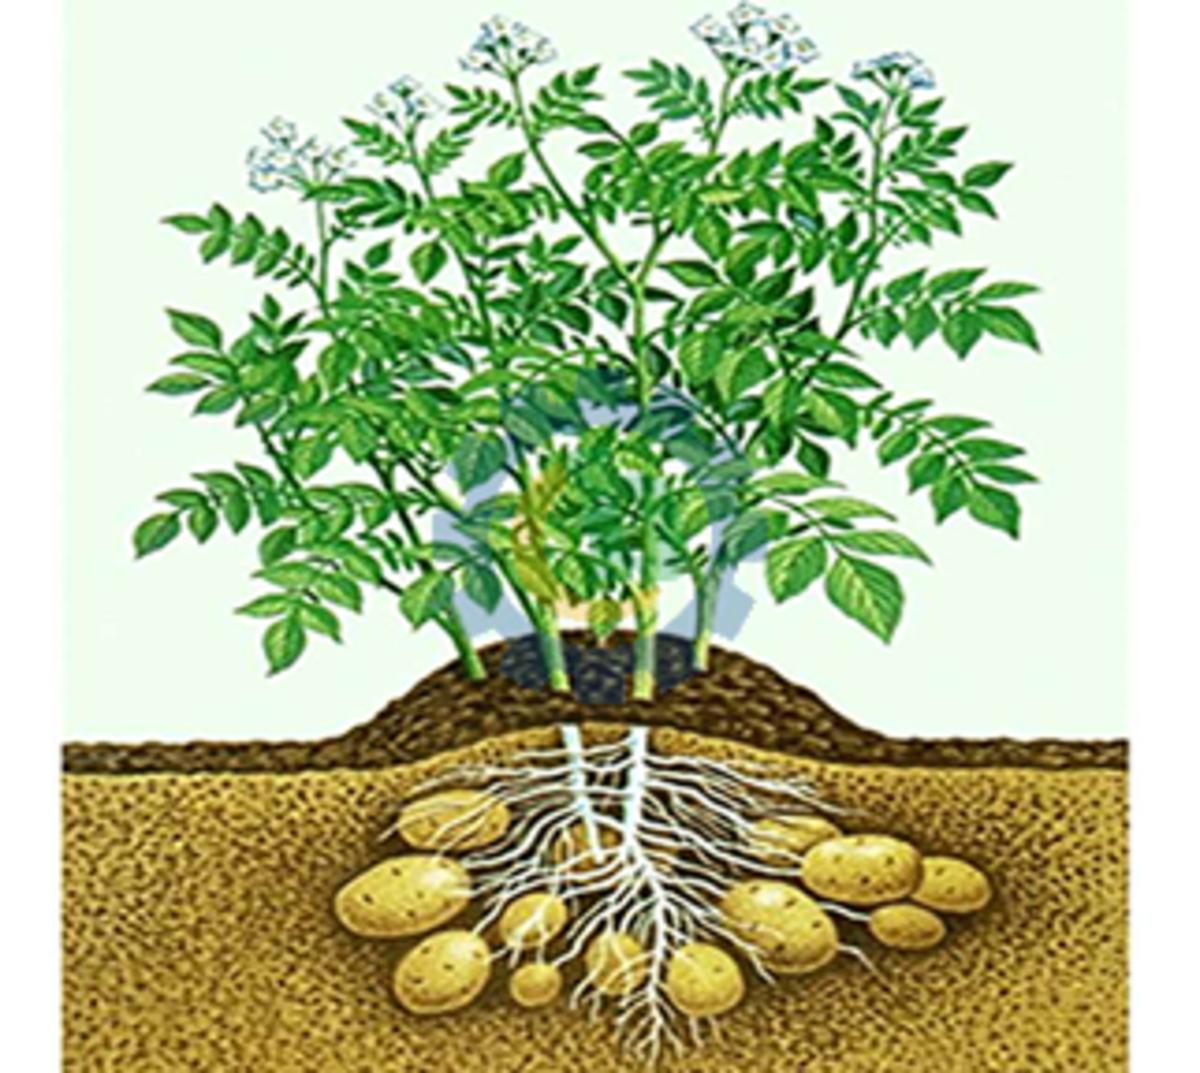 Potatoes grow underground